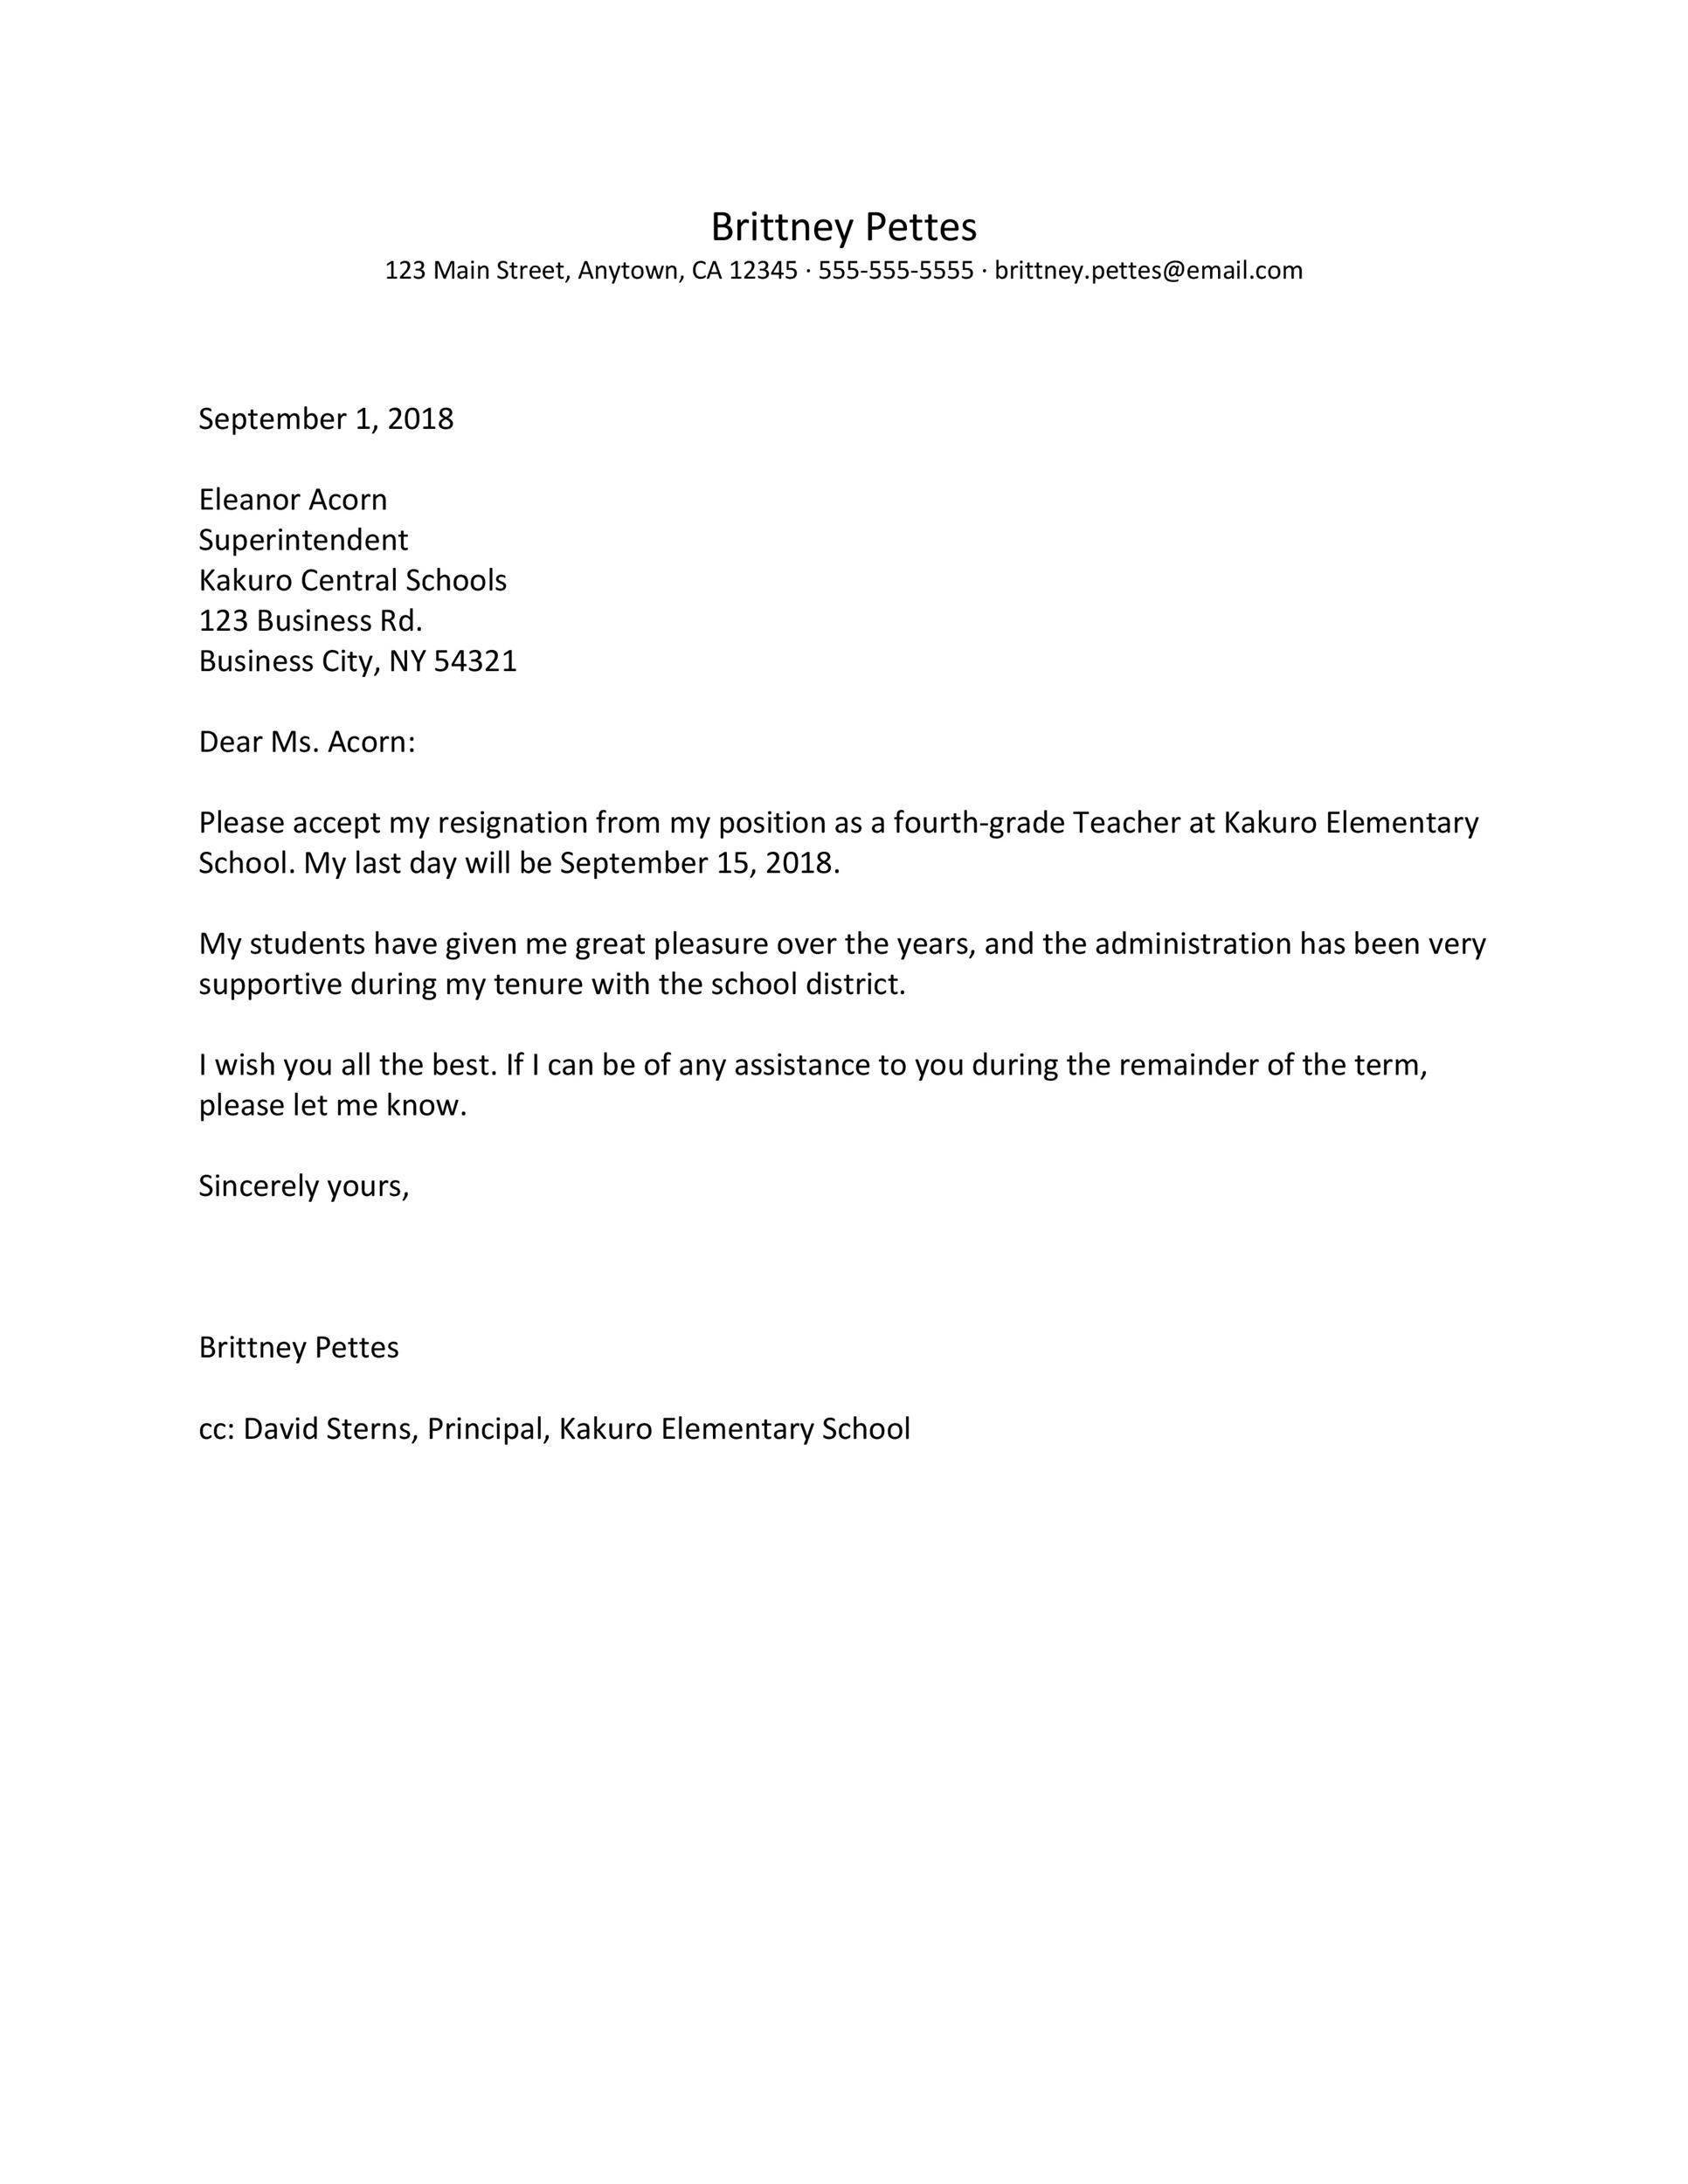 Free teacher resignation letter 37